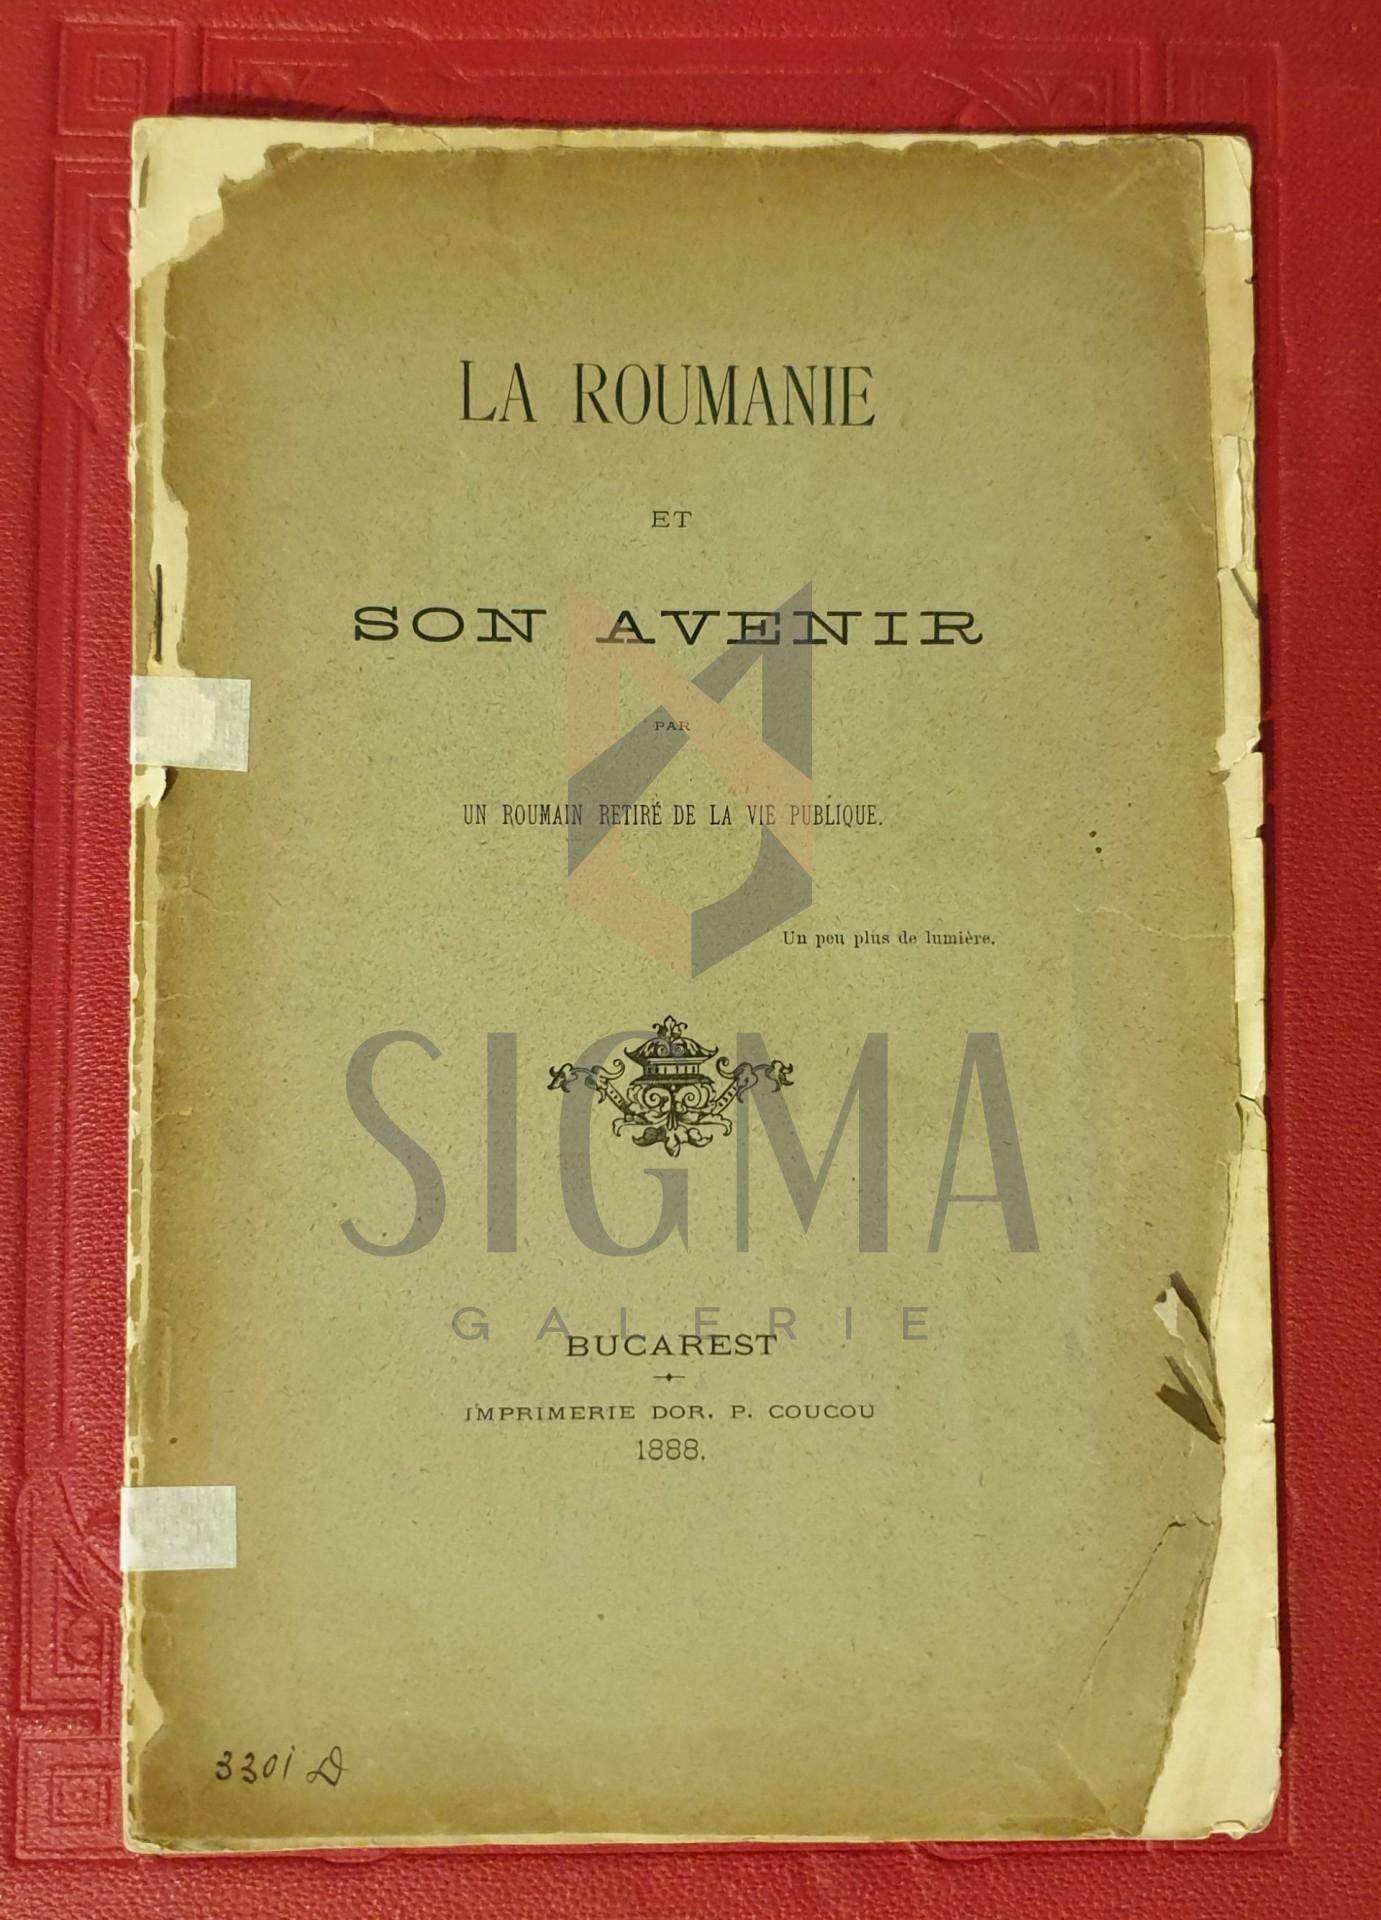 La Roumanie et son avenier